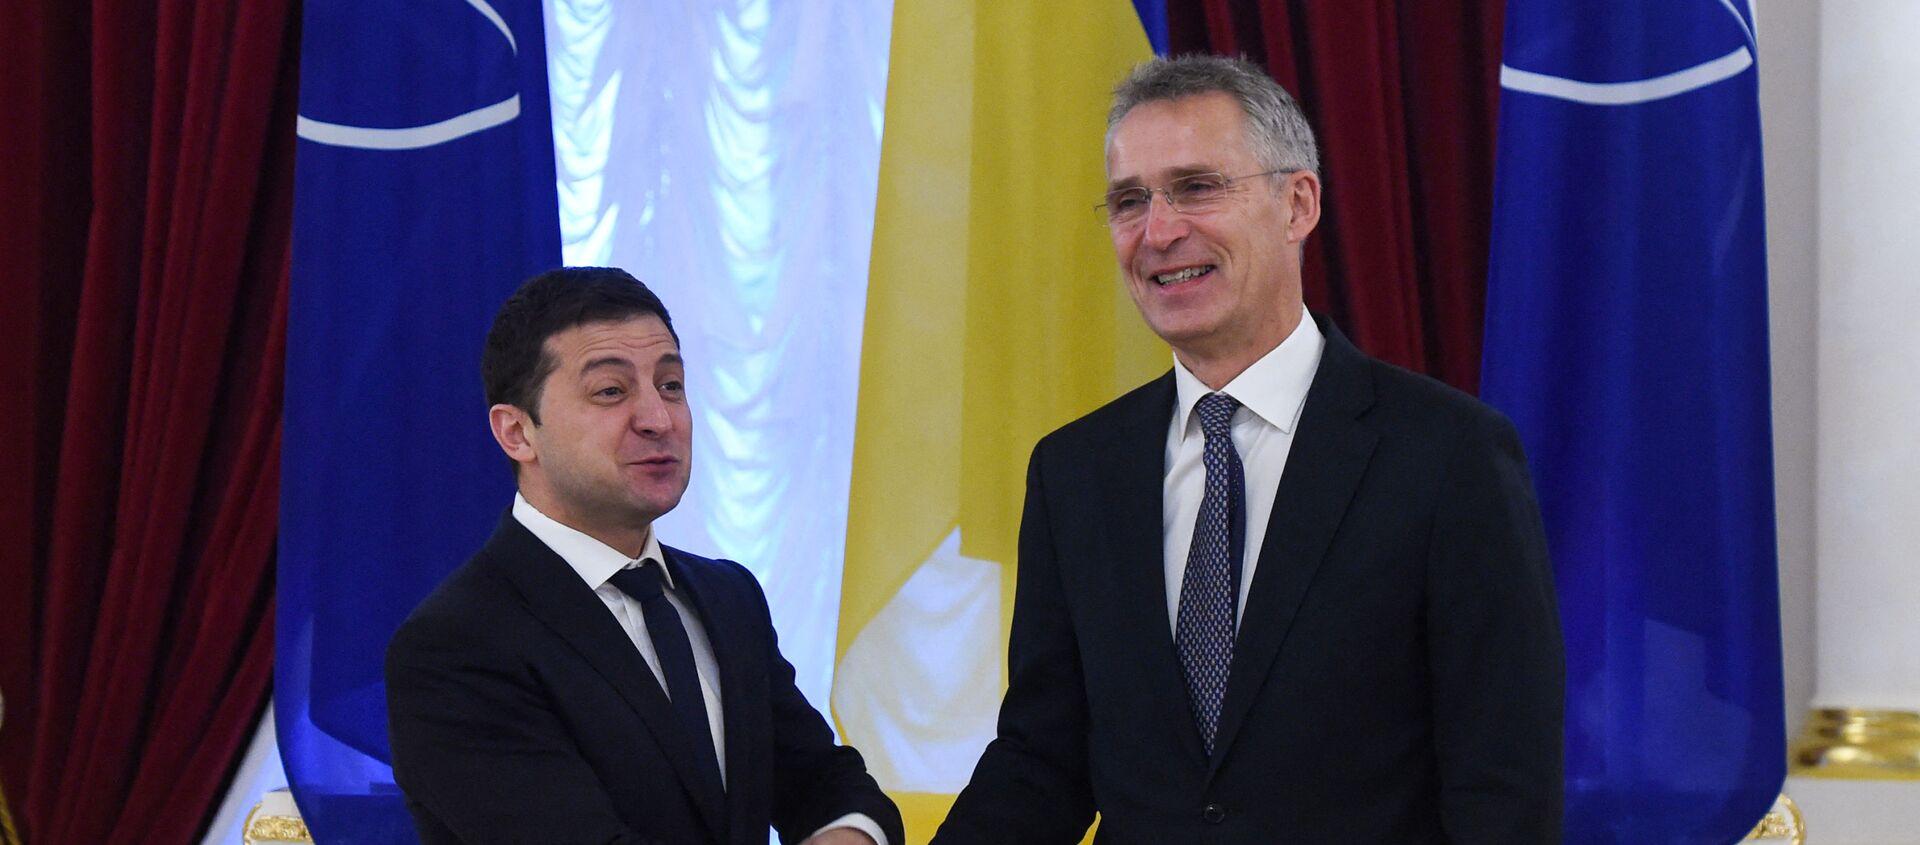 Rencontre à Kiev entre le président ukrainien Volodymyr Zelensky et le secrétaire général de l'OTAN Jens Stoltenberg, 31 octobre 2019. - Sputnik France, 1920, 07.04.2021